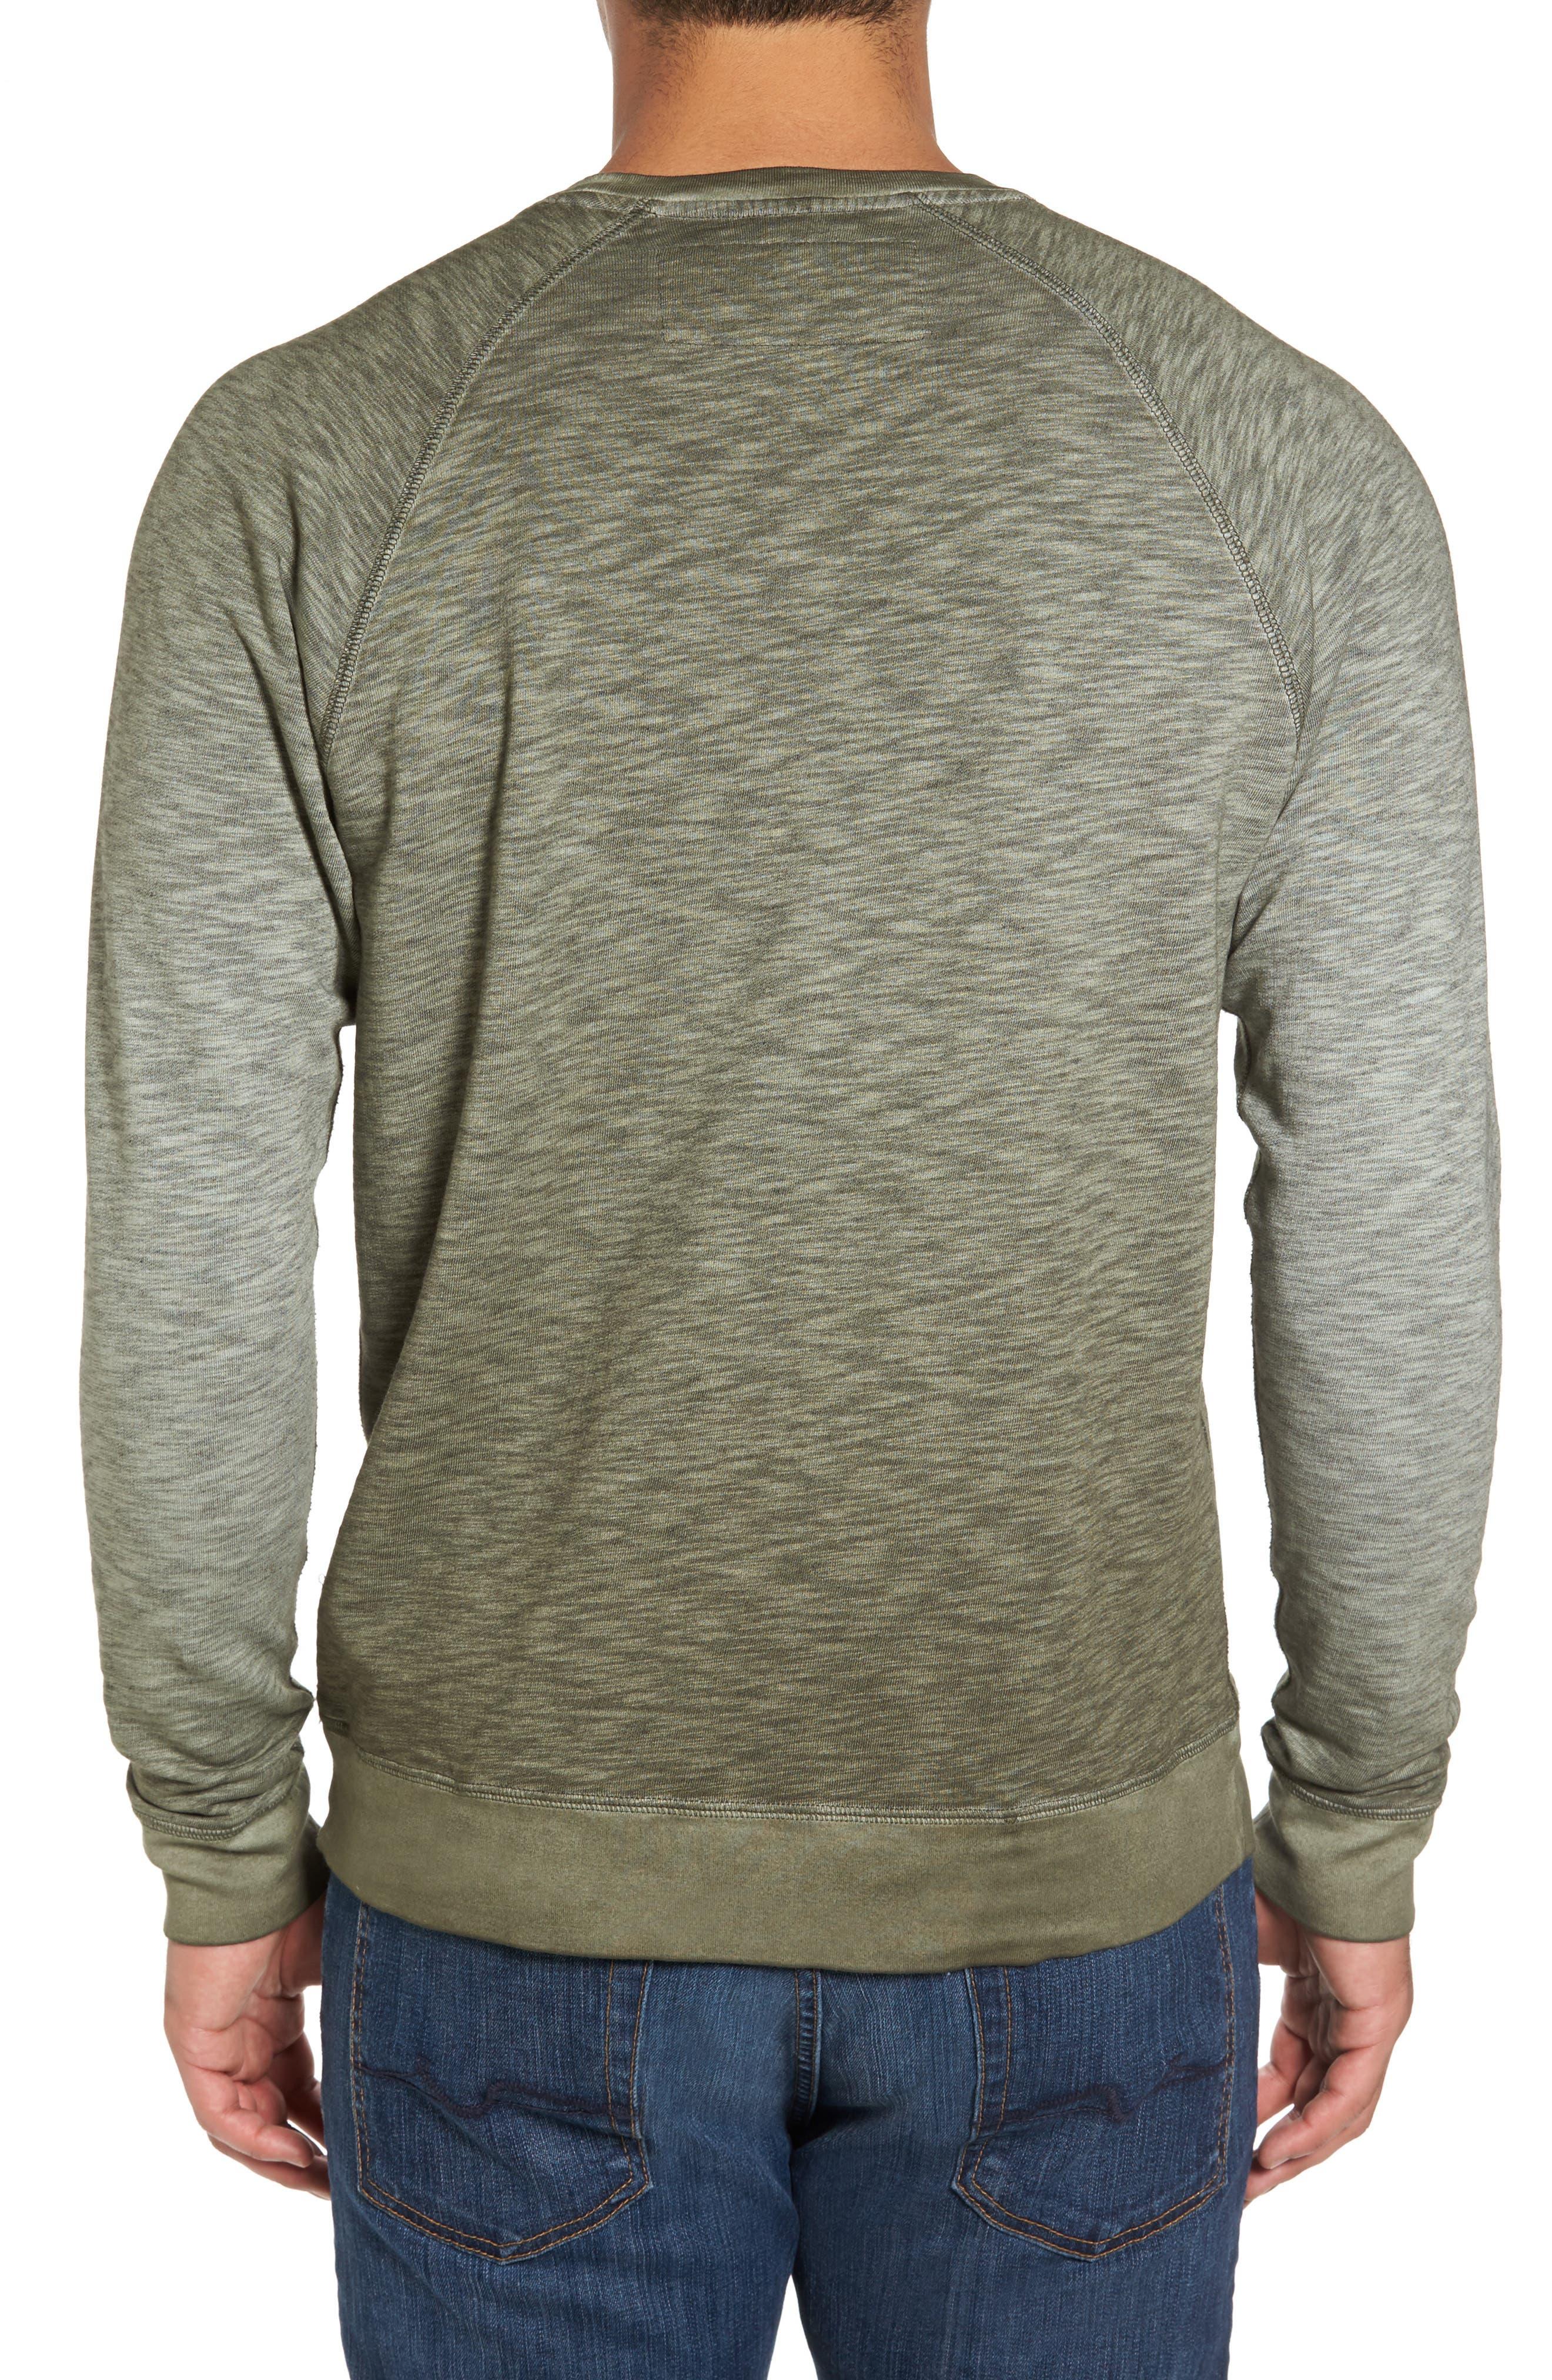 'Santiago' Ombré Crewneck Sweatshirt,                             Alternate thumbnail 2, color,                             301